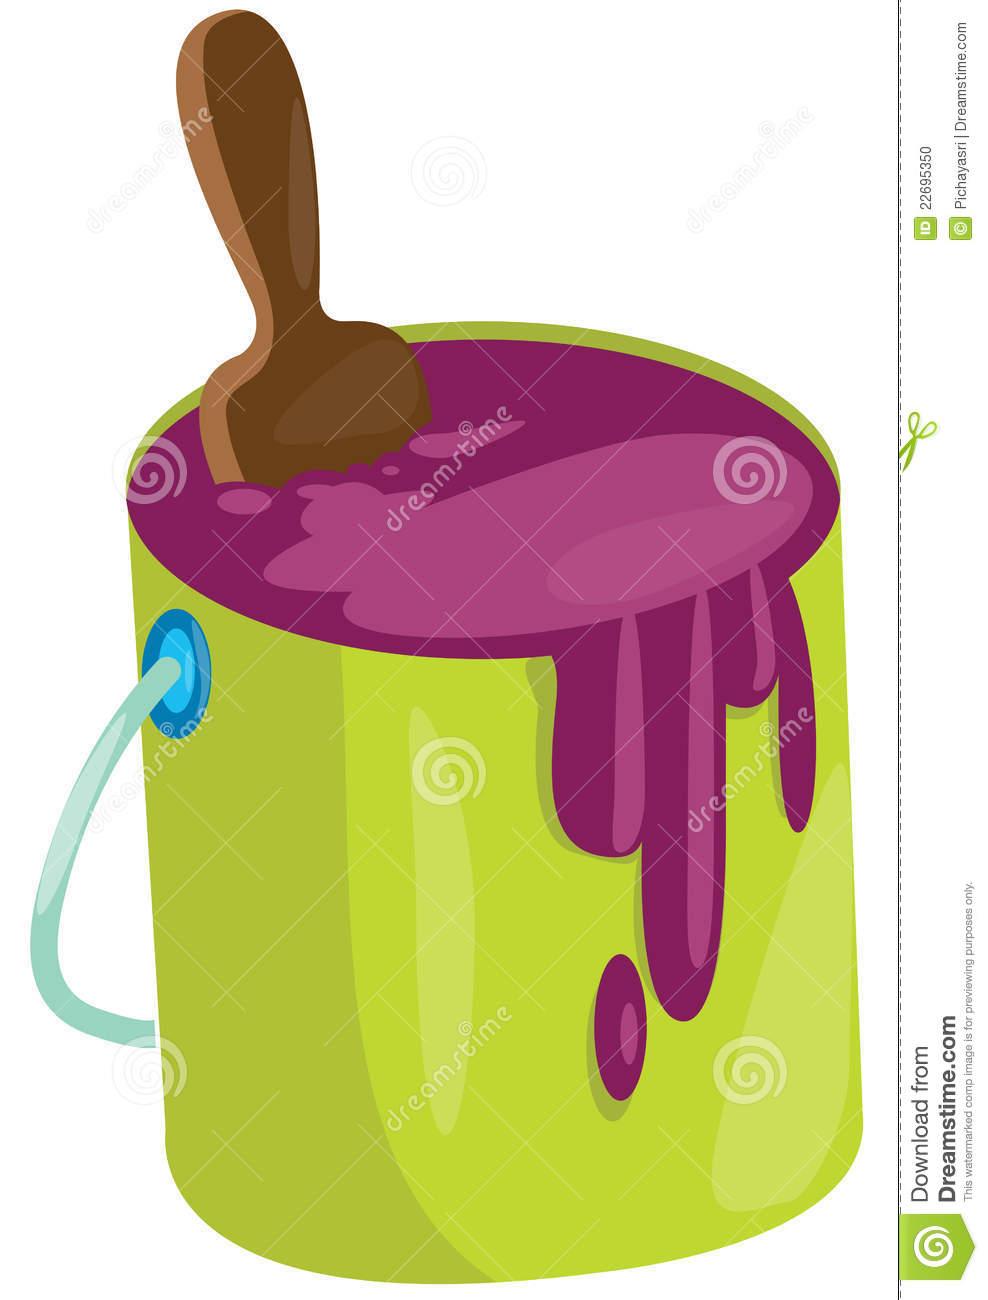 paint bucket and brush - photo #36